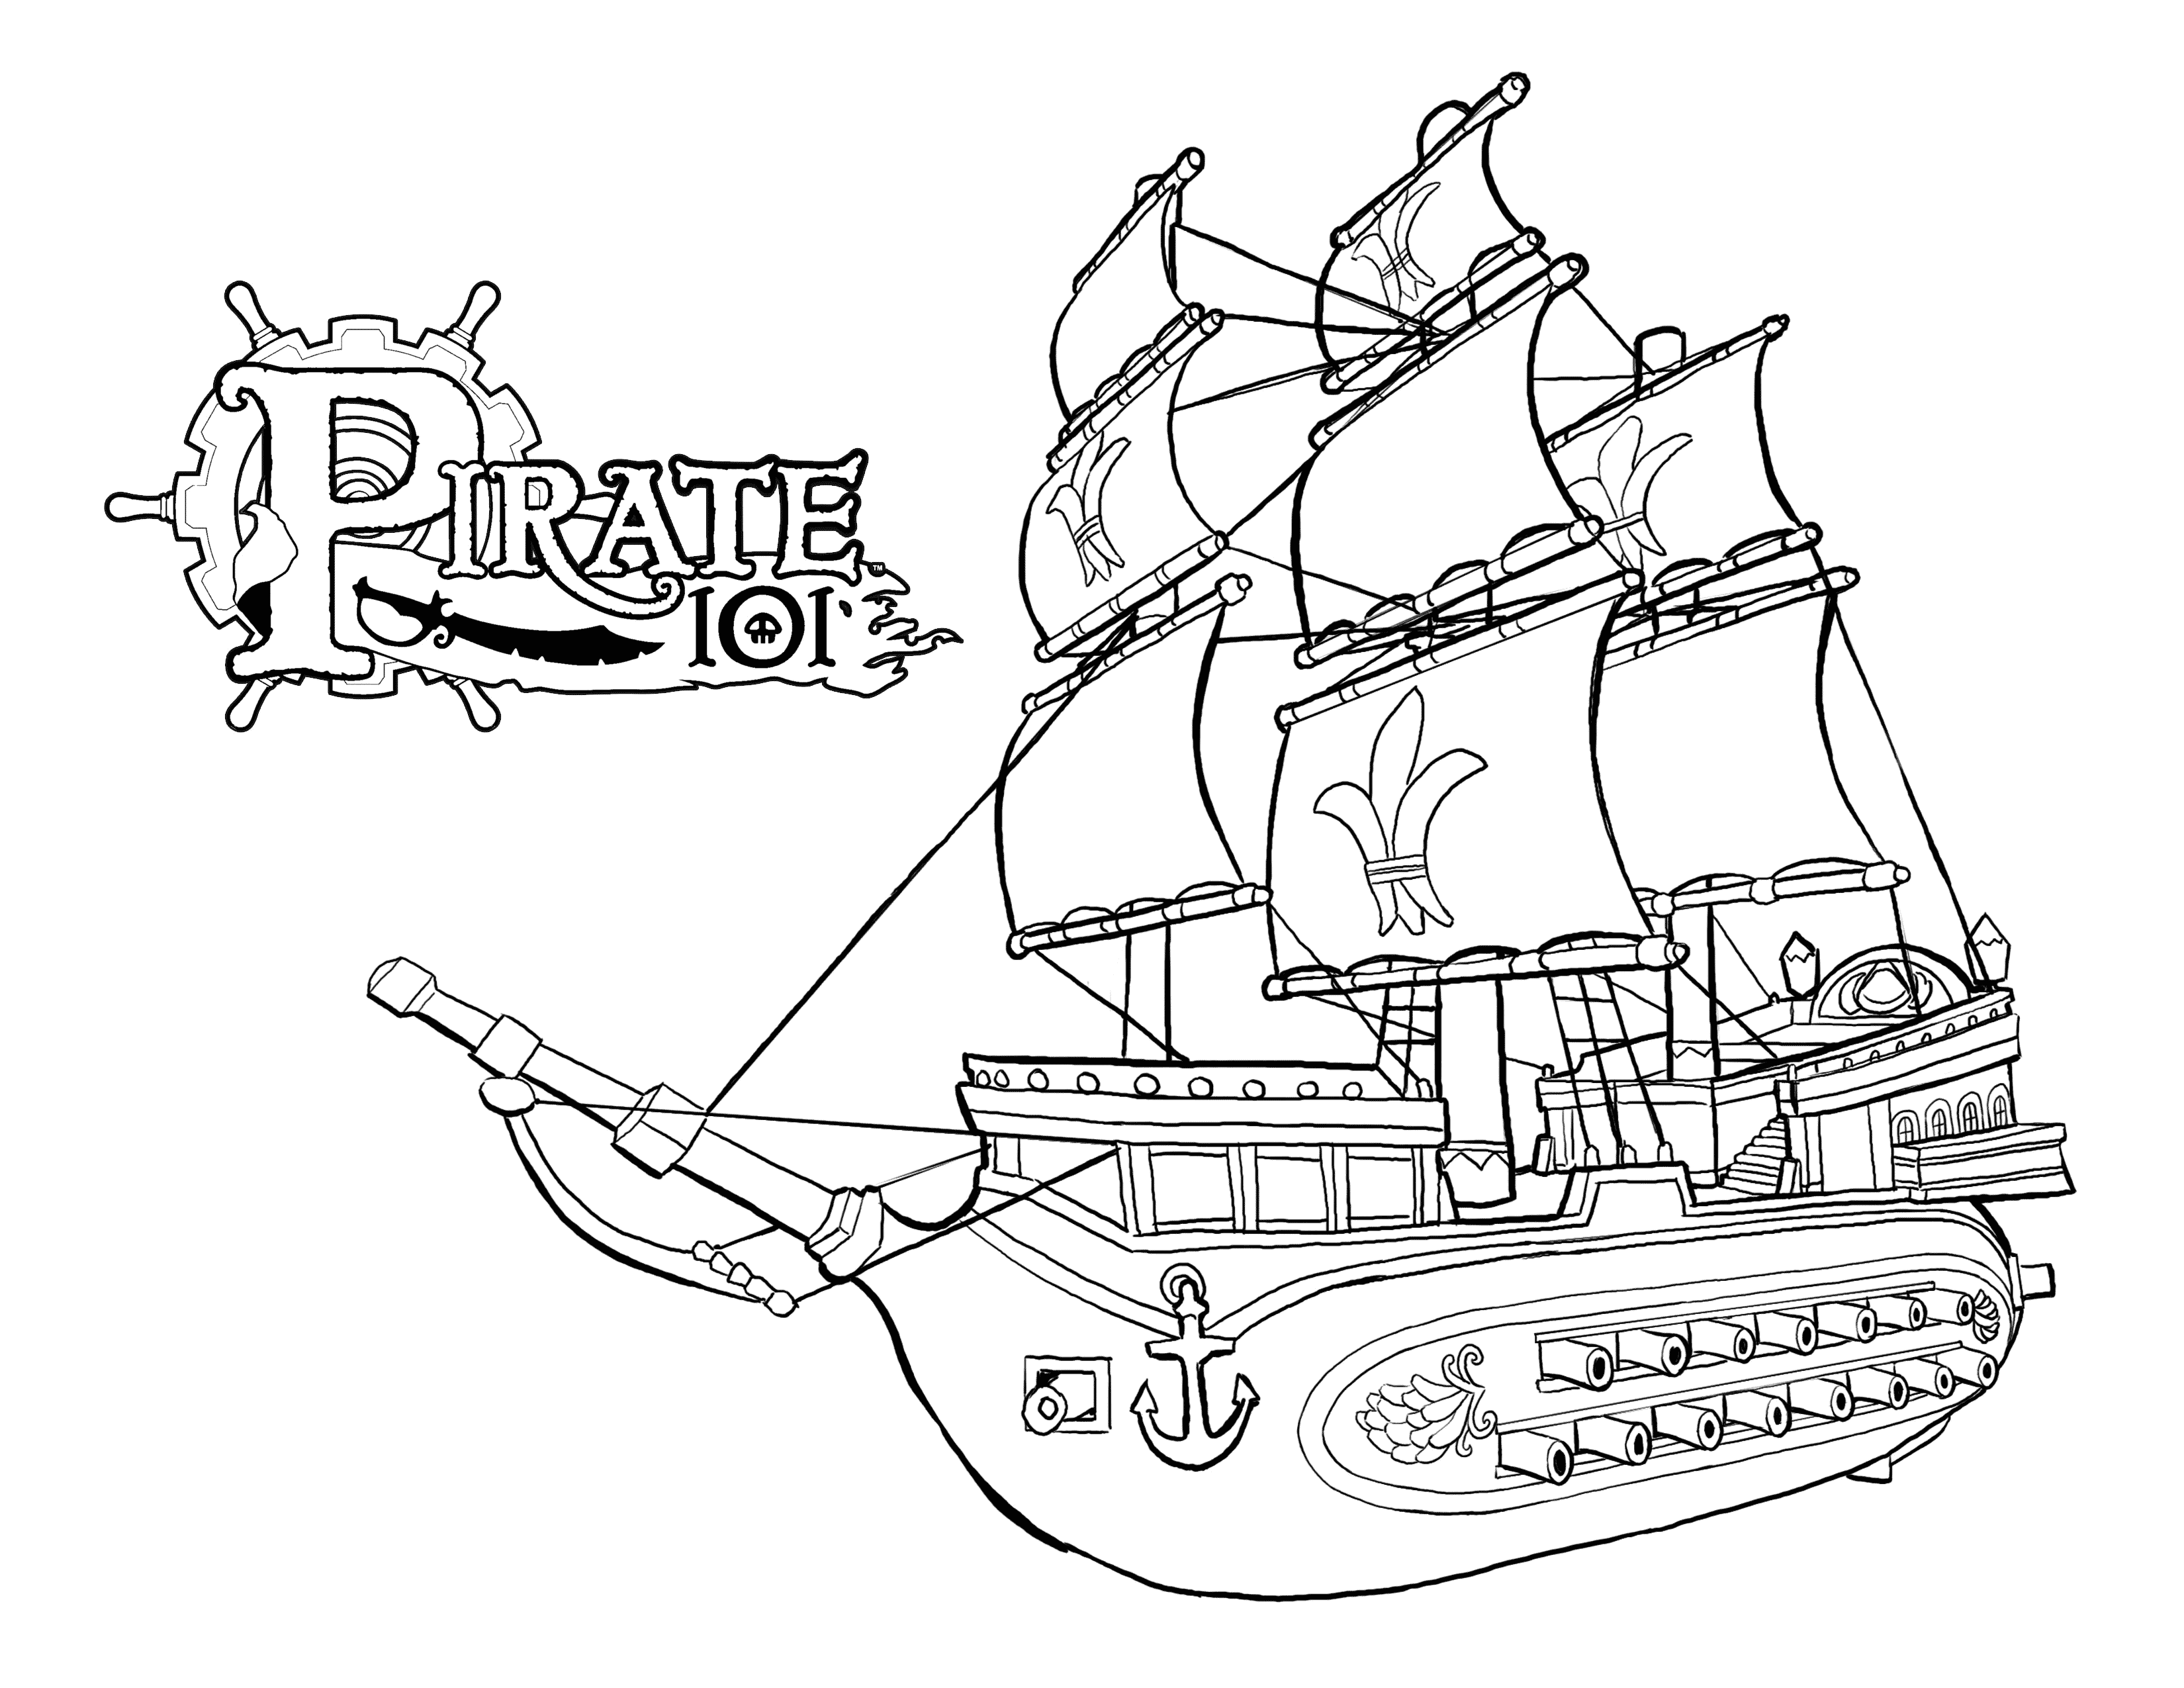 Fun Pirate Clip Art | E-H Pirates | Pinterest | Pirate boats and ...